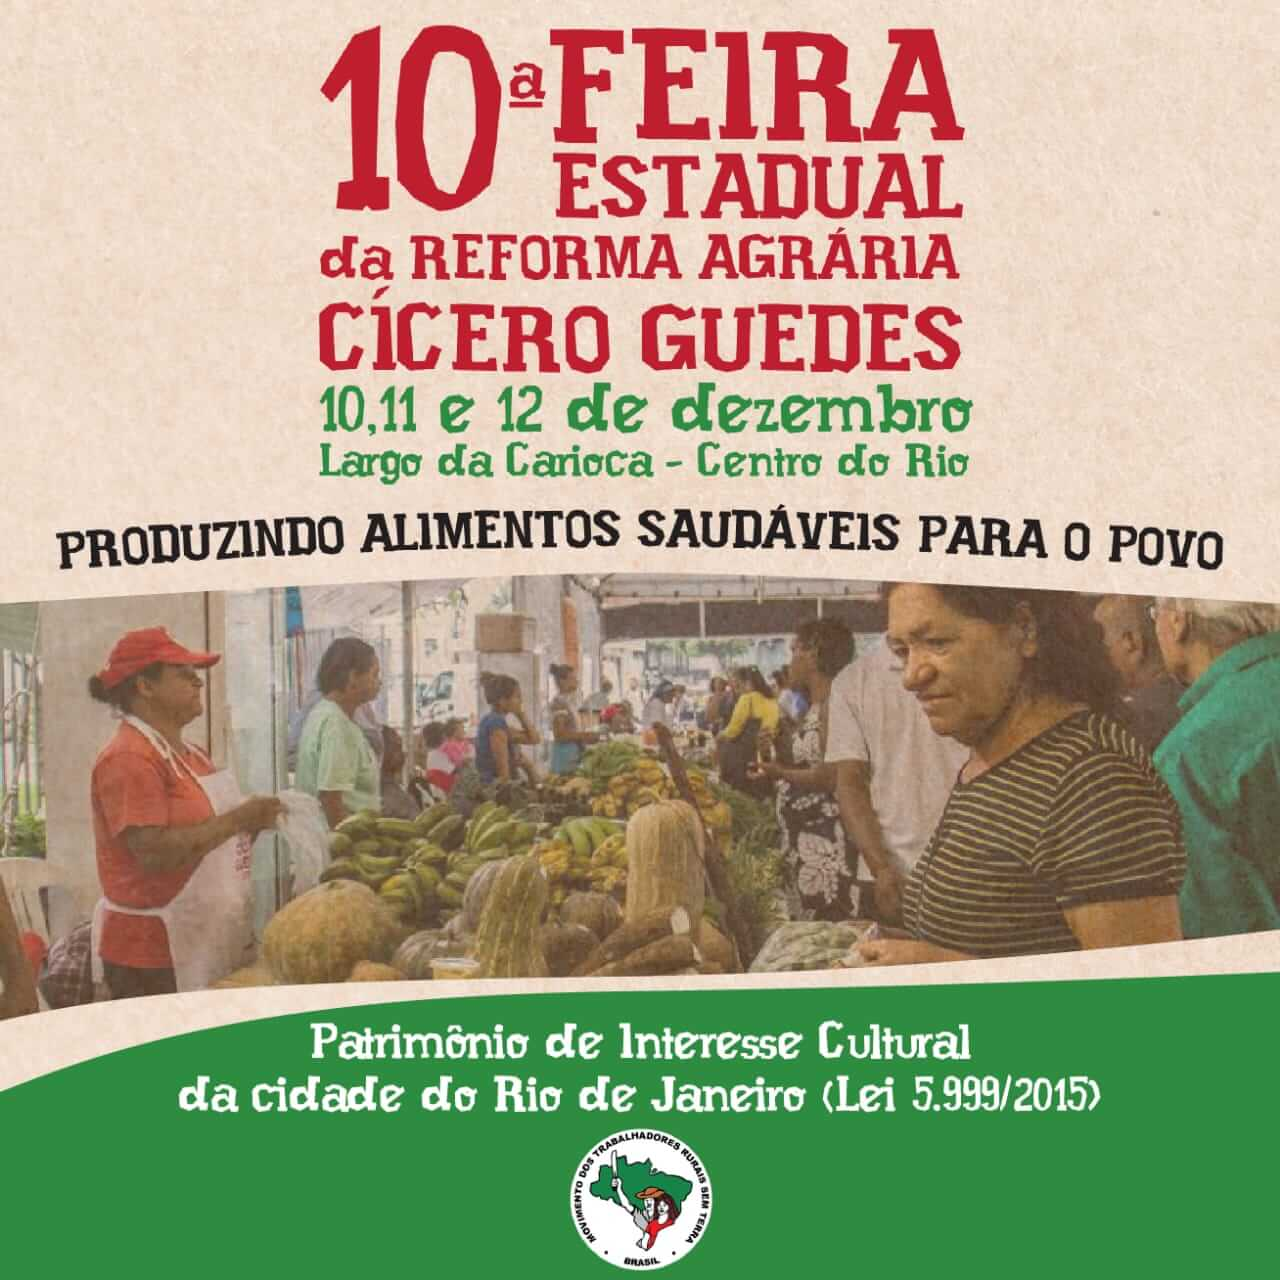 Centro do Rio recebe 10ª Feira Estadual da Reforma Agrária WhatsApp Image 2018 12 07 at 17